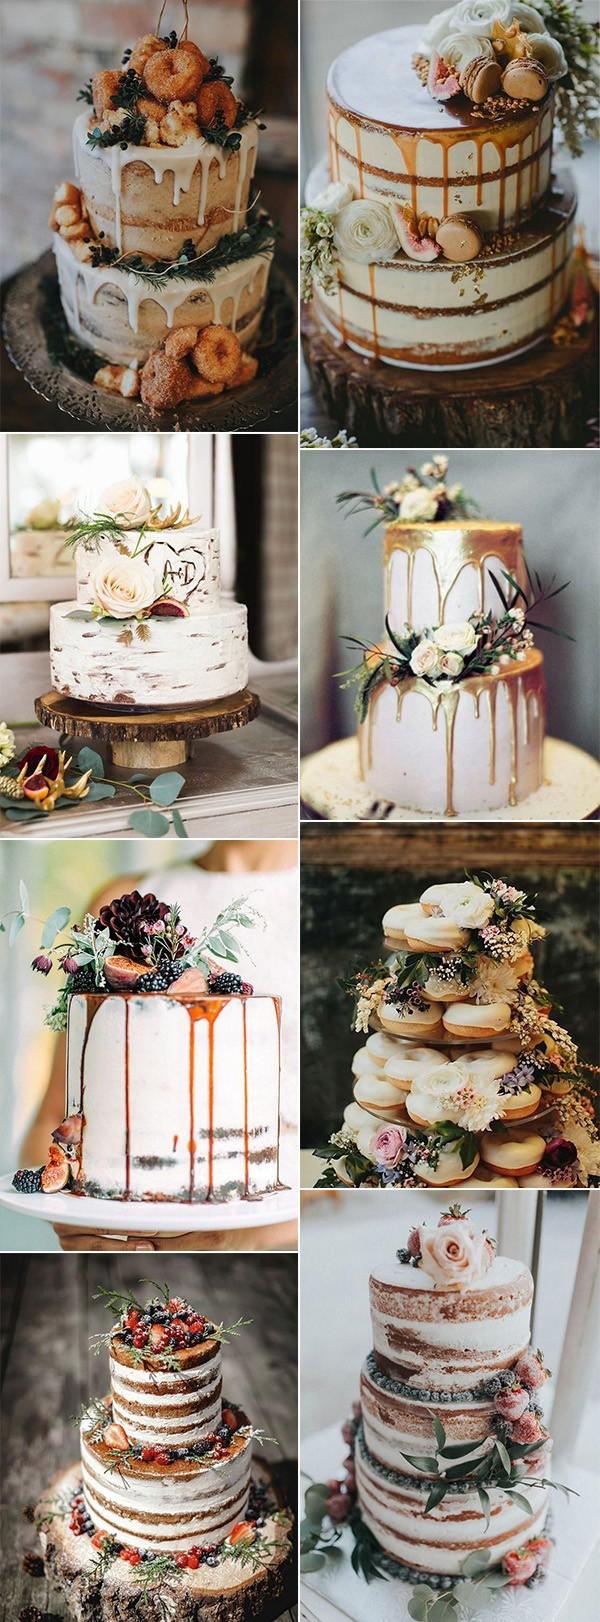 delicious fall wedding cakes